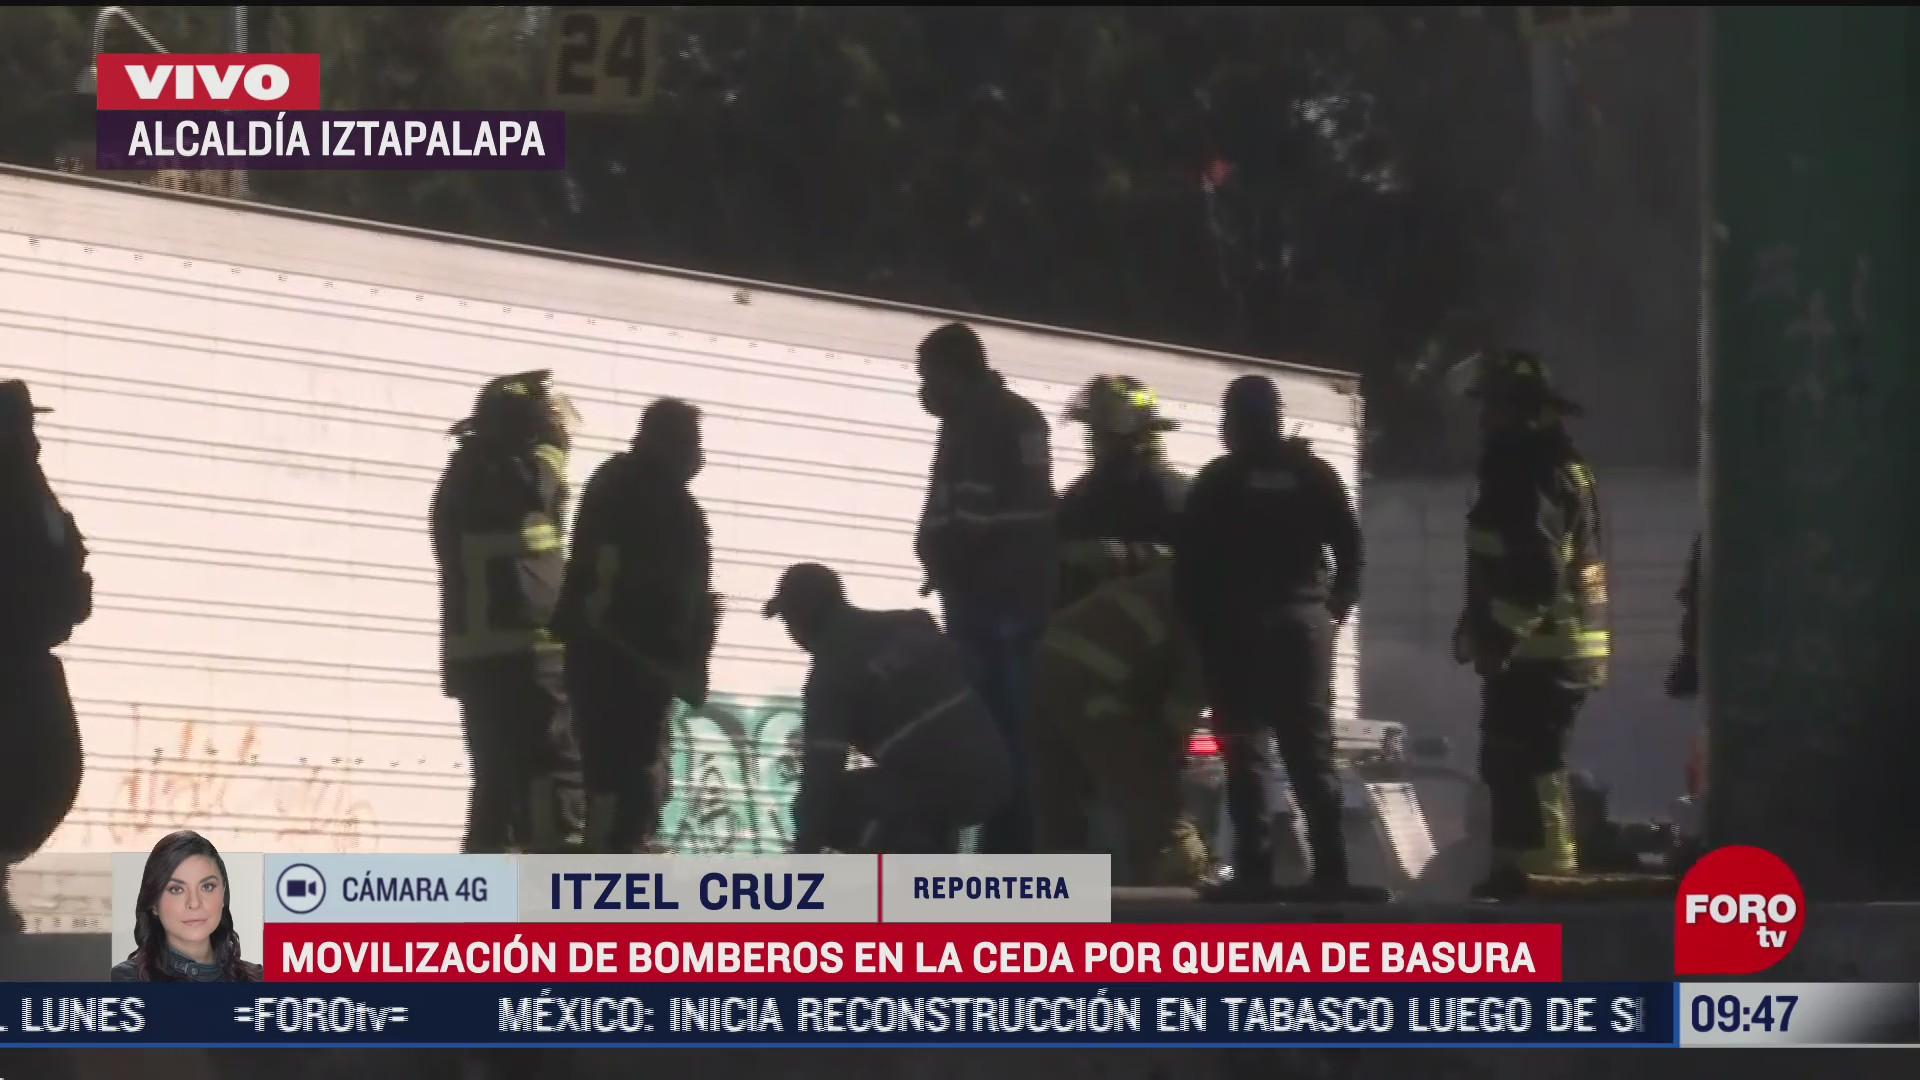 movilizacion de bomberos por quema de basura en central de abastos cdmx